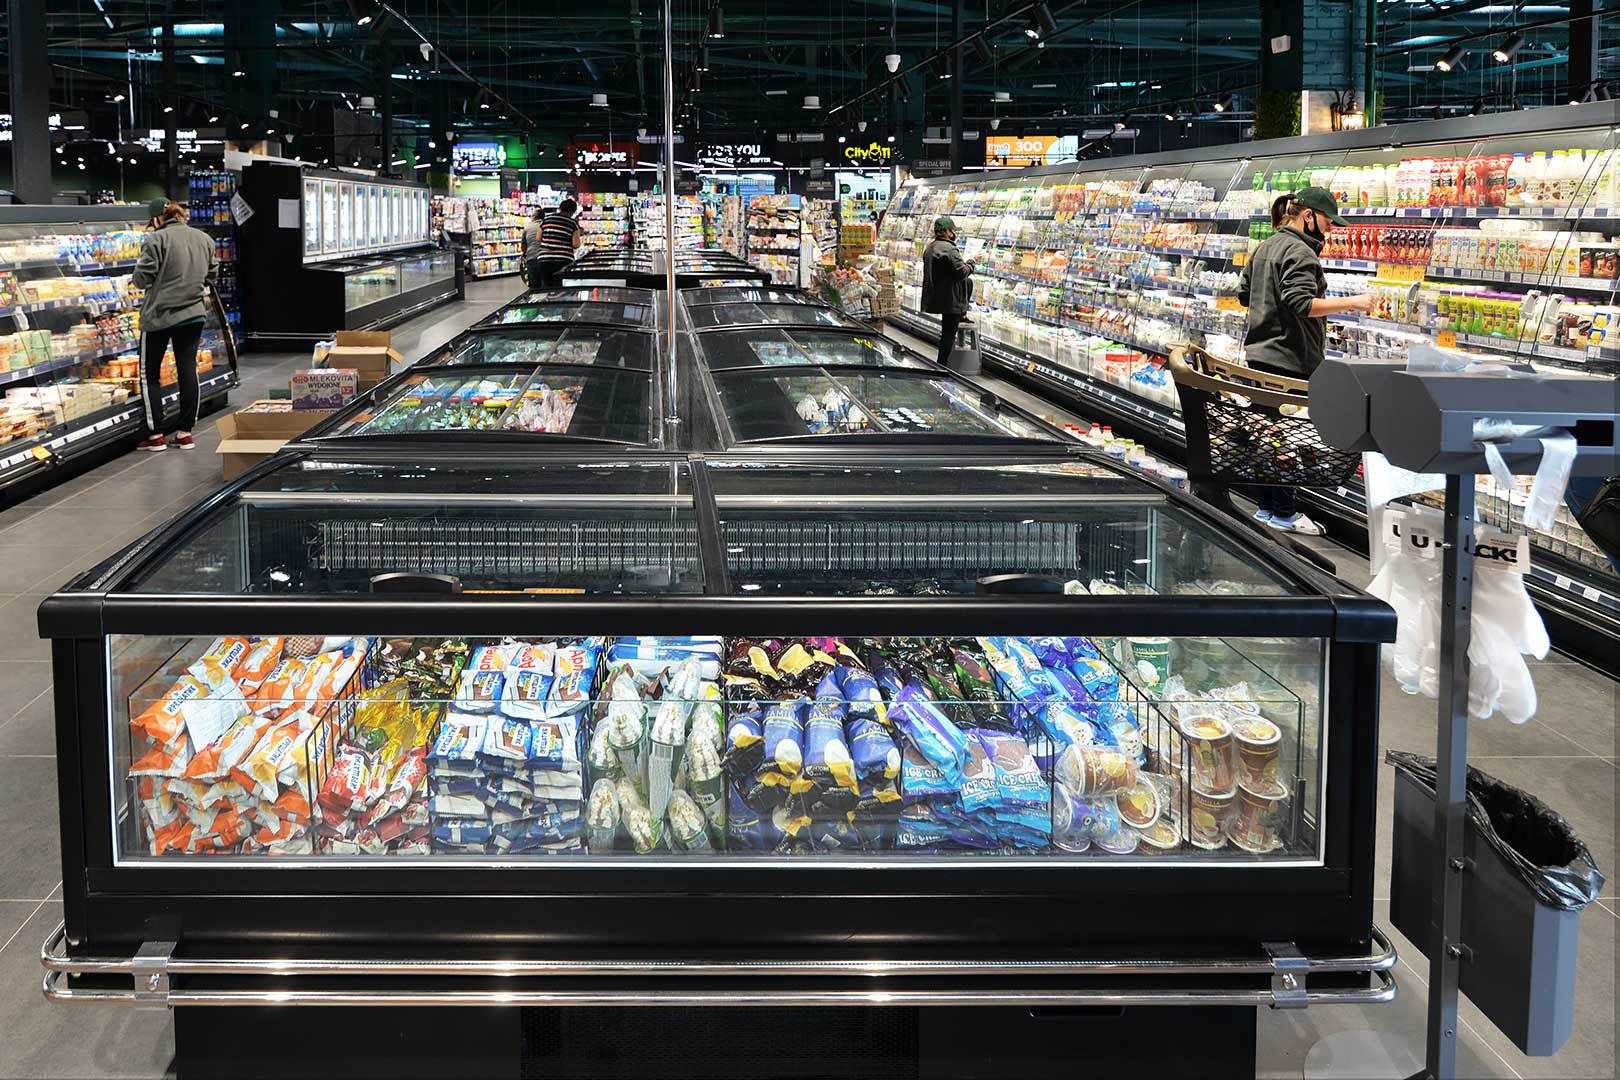 Frozen foods units Alaska AH 100 LT C 094-SLA